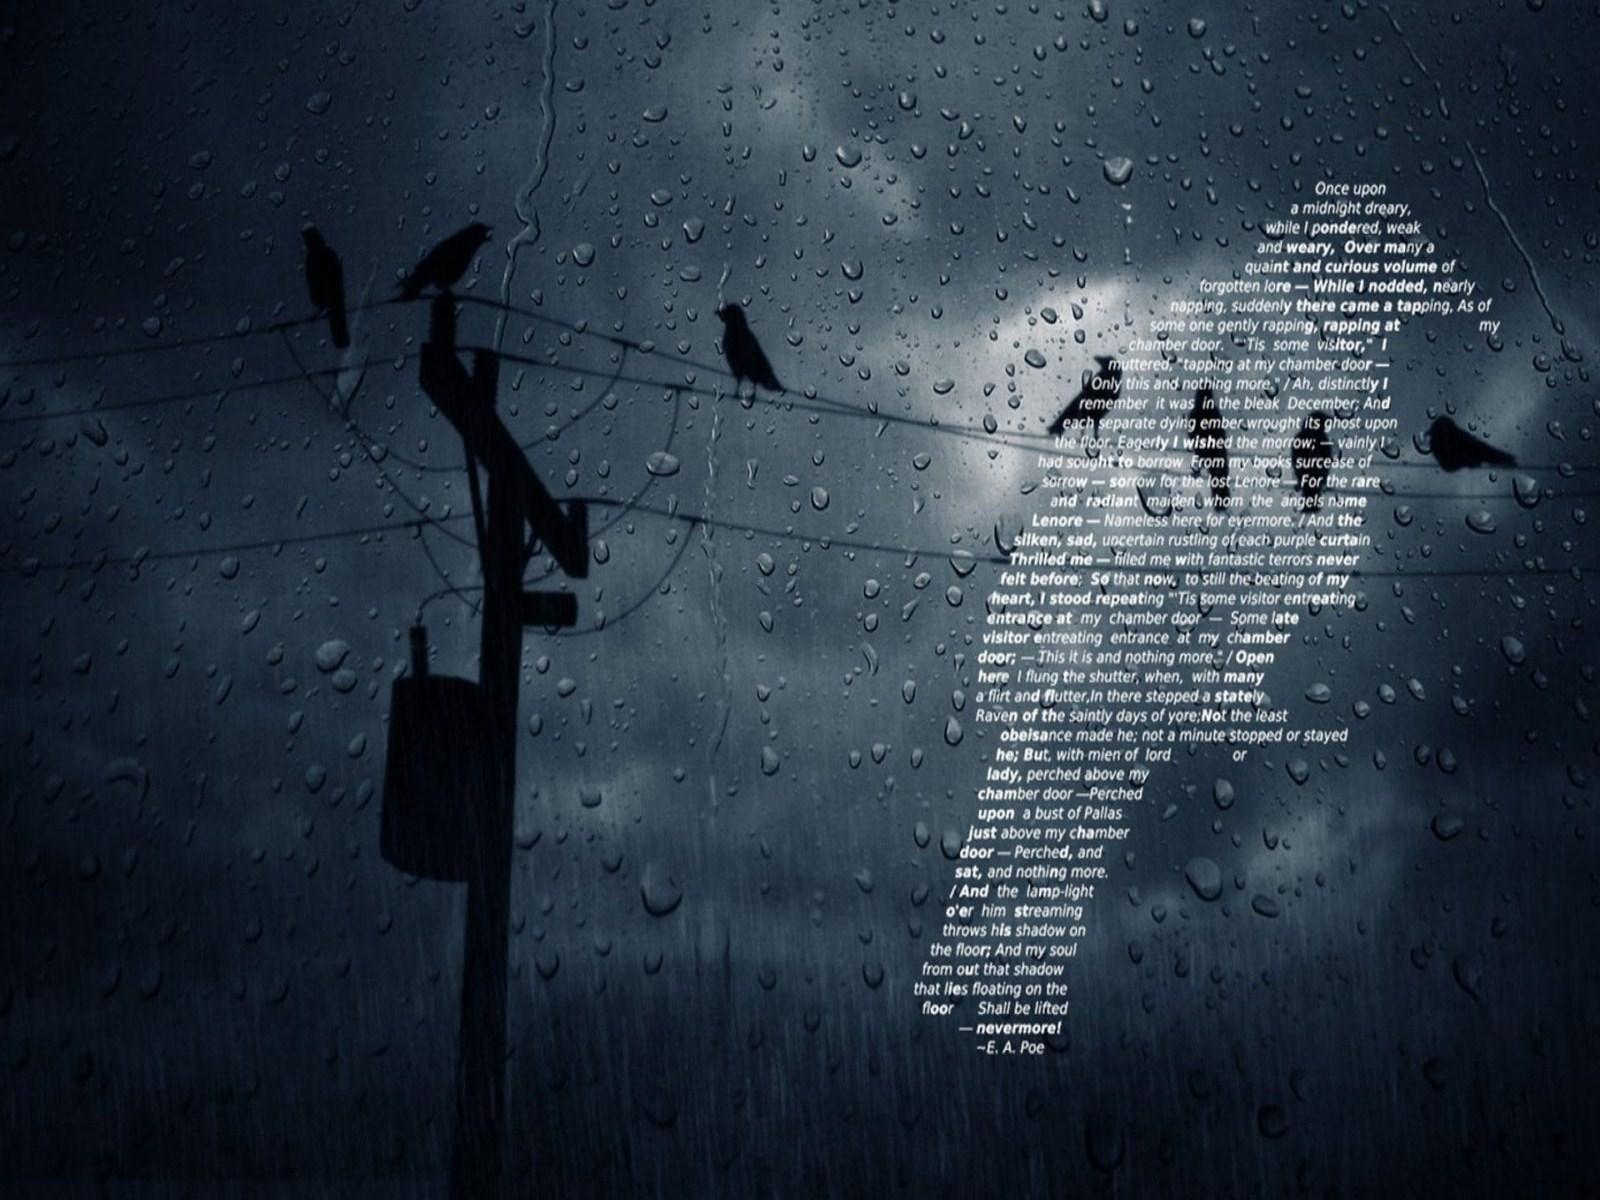 Poetry Wallpapers download in urdu for facebook for desktop in 1600x1200